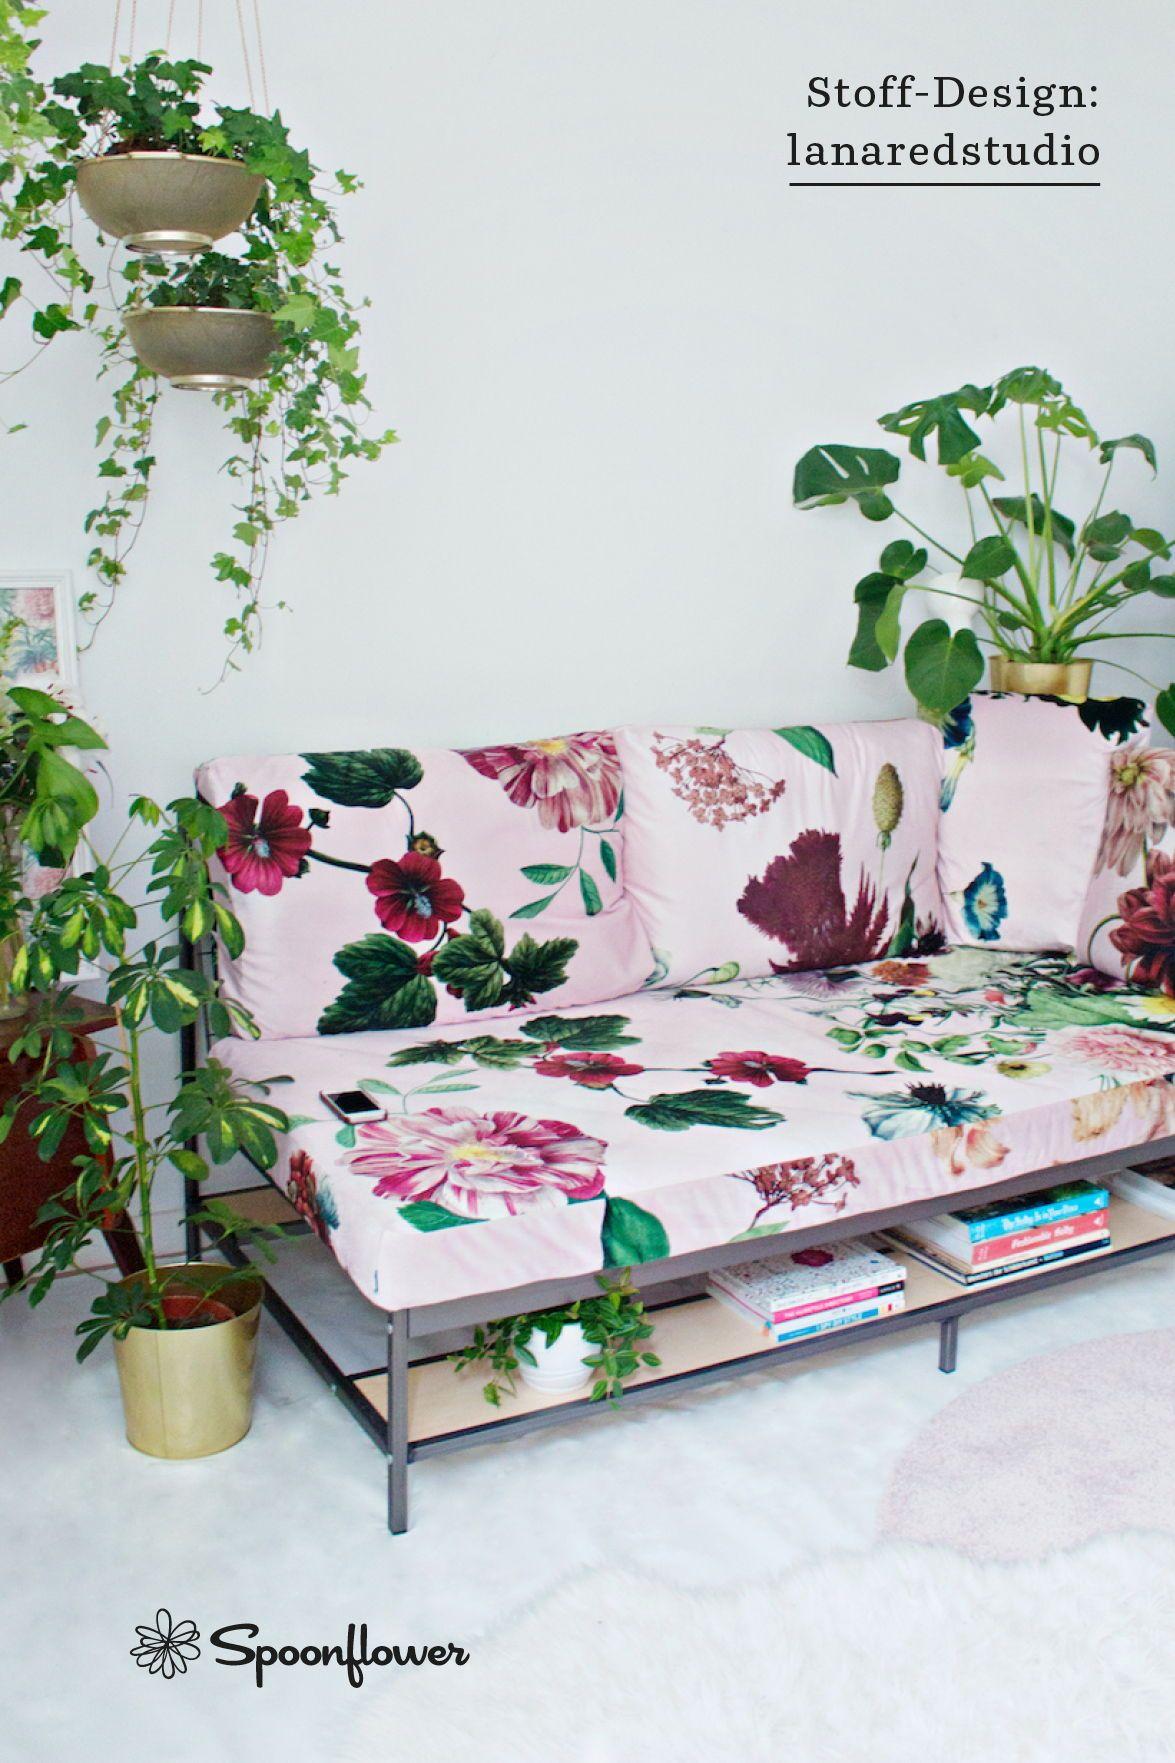 Farbenfrohe Stoffe Digital Gedruckt Von Spoonflower Decor Home Decor Home